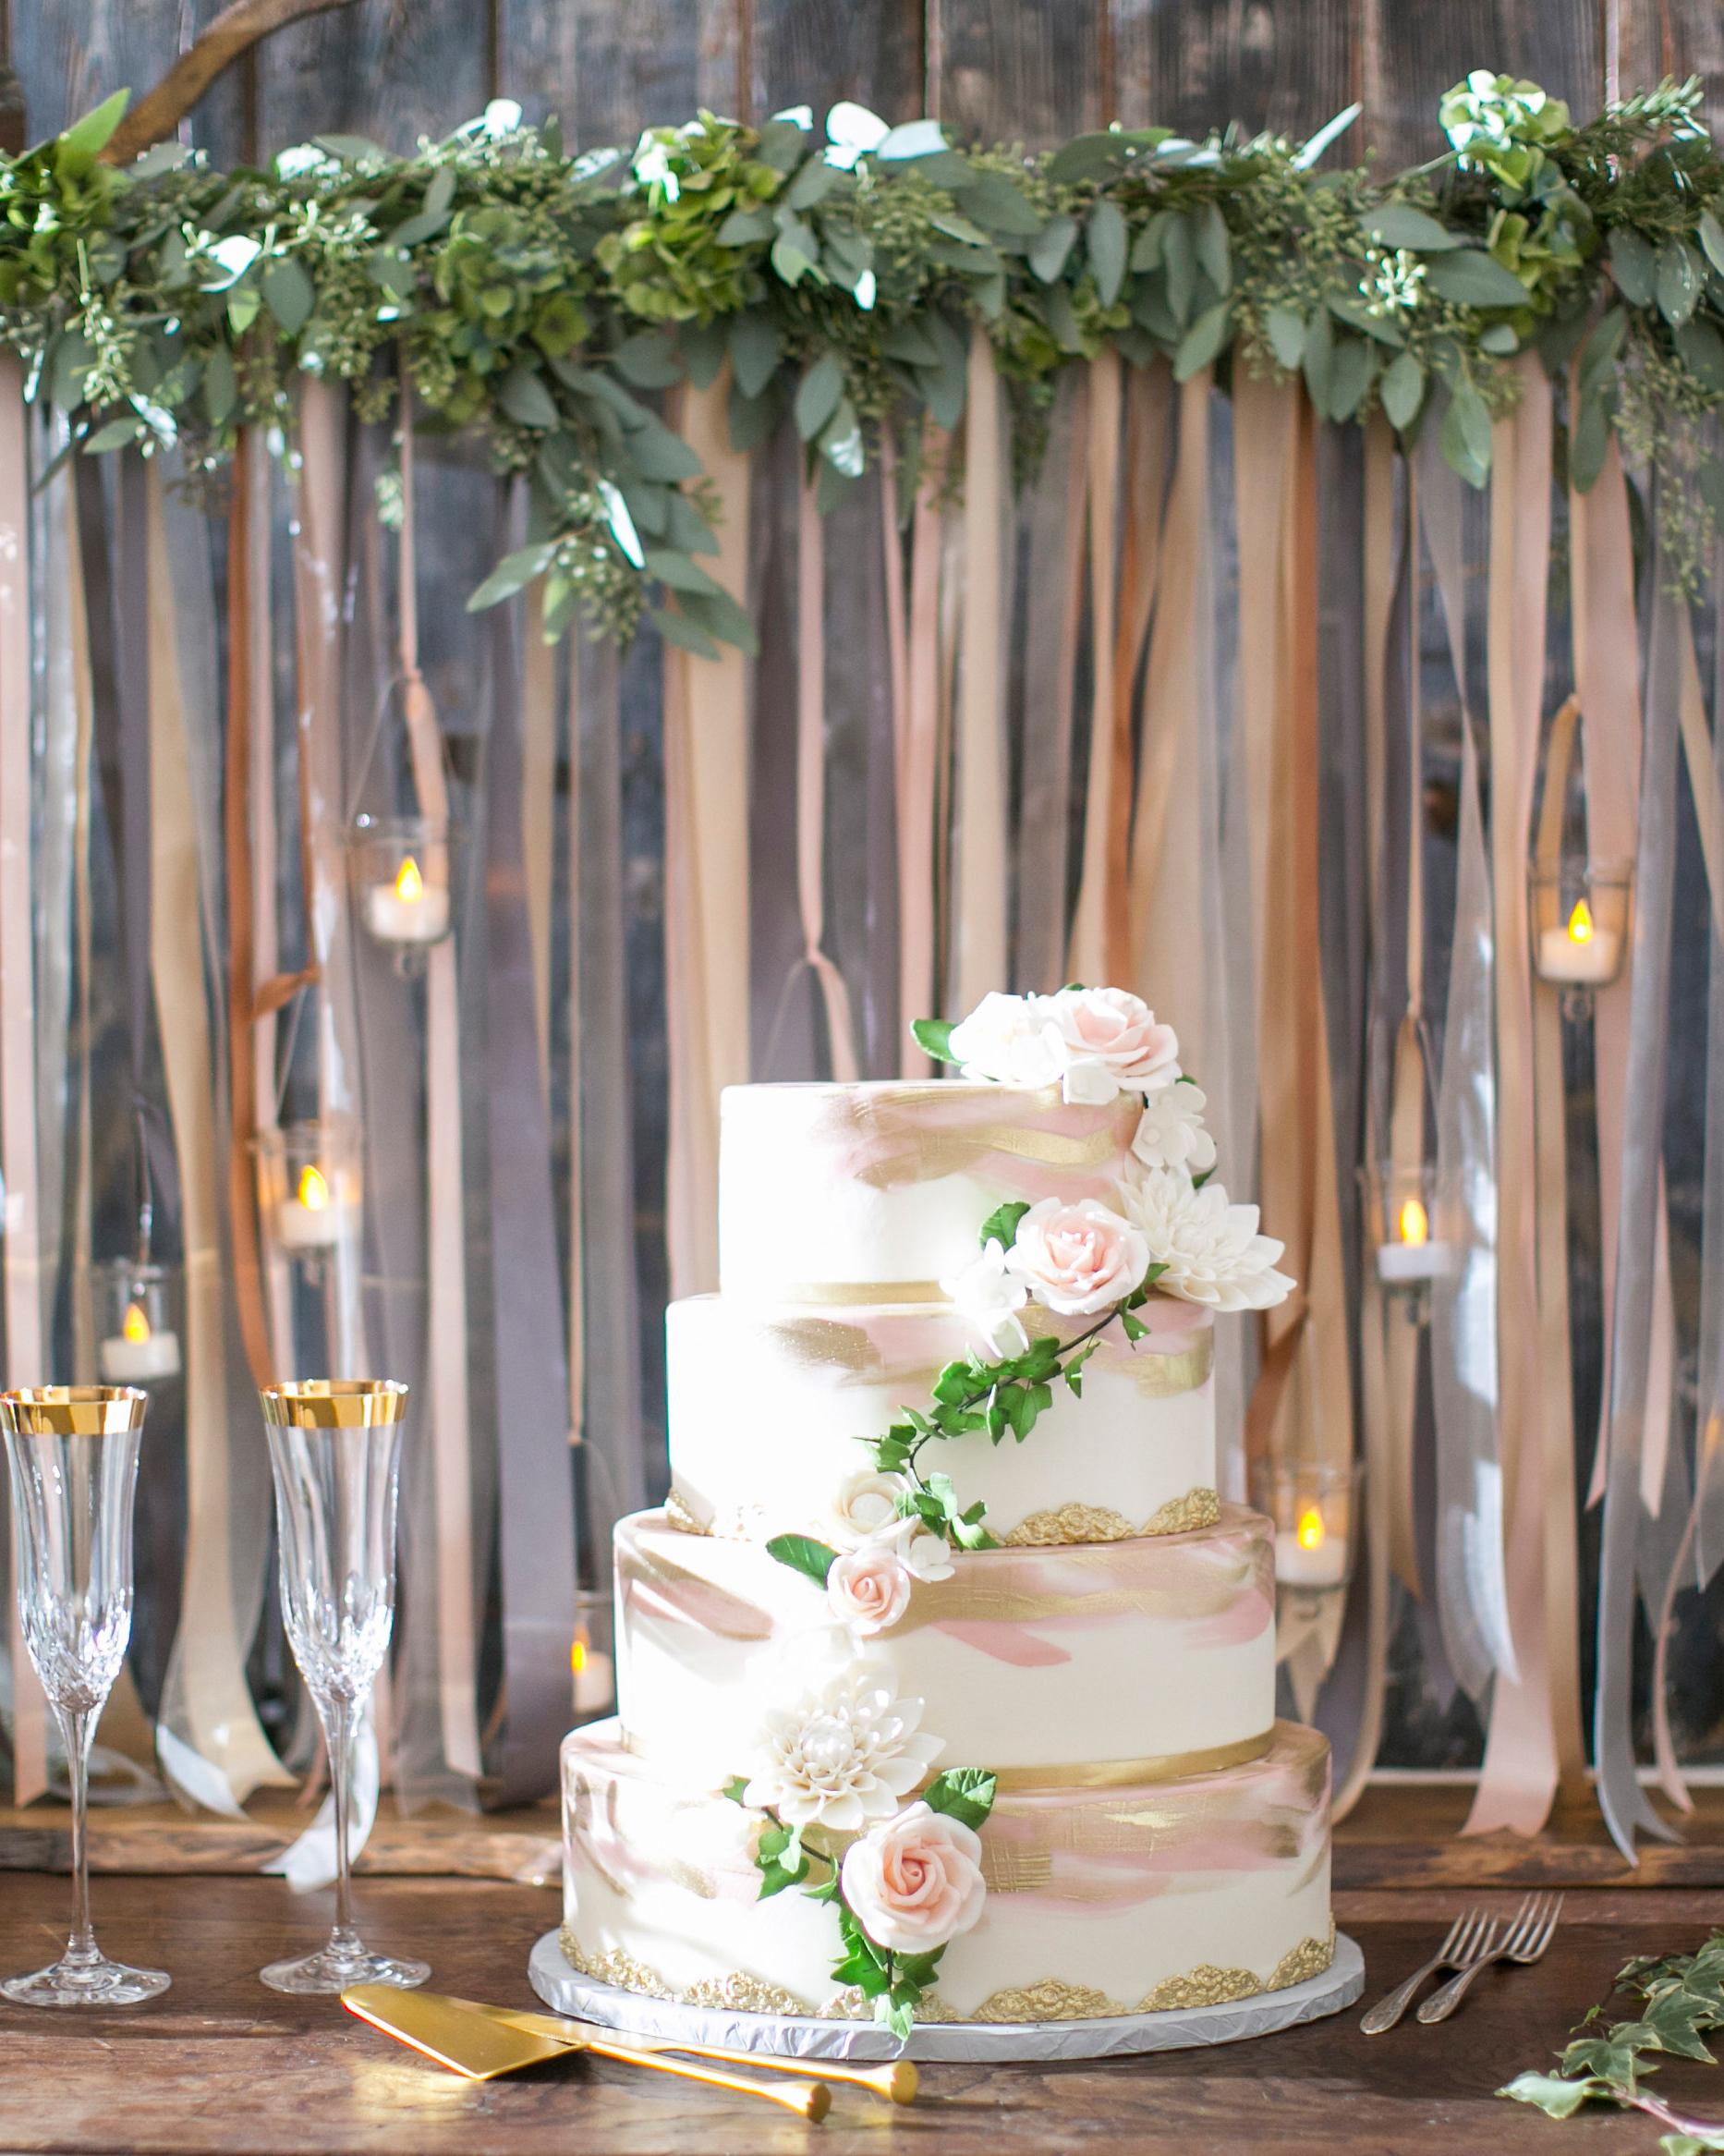 briana-adam-wedding-cake-1316-s112471-1215.jpg